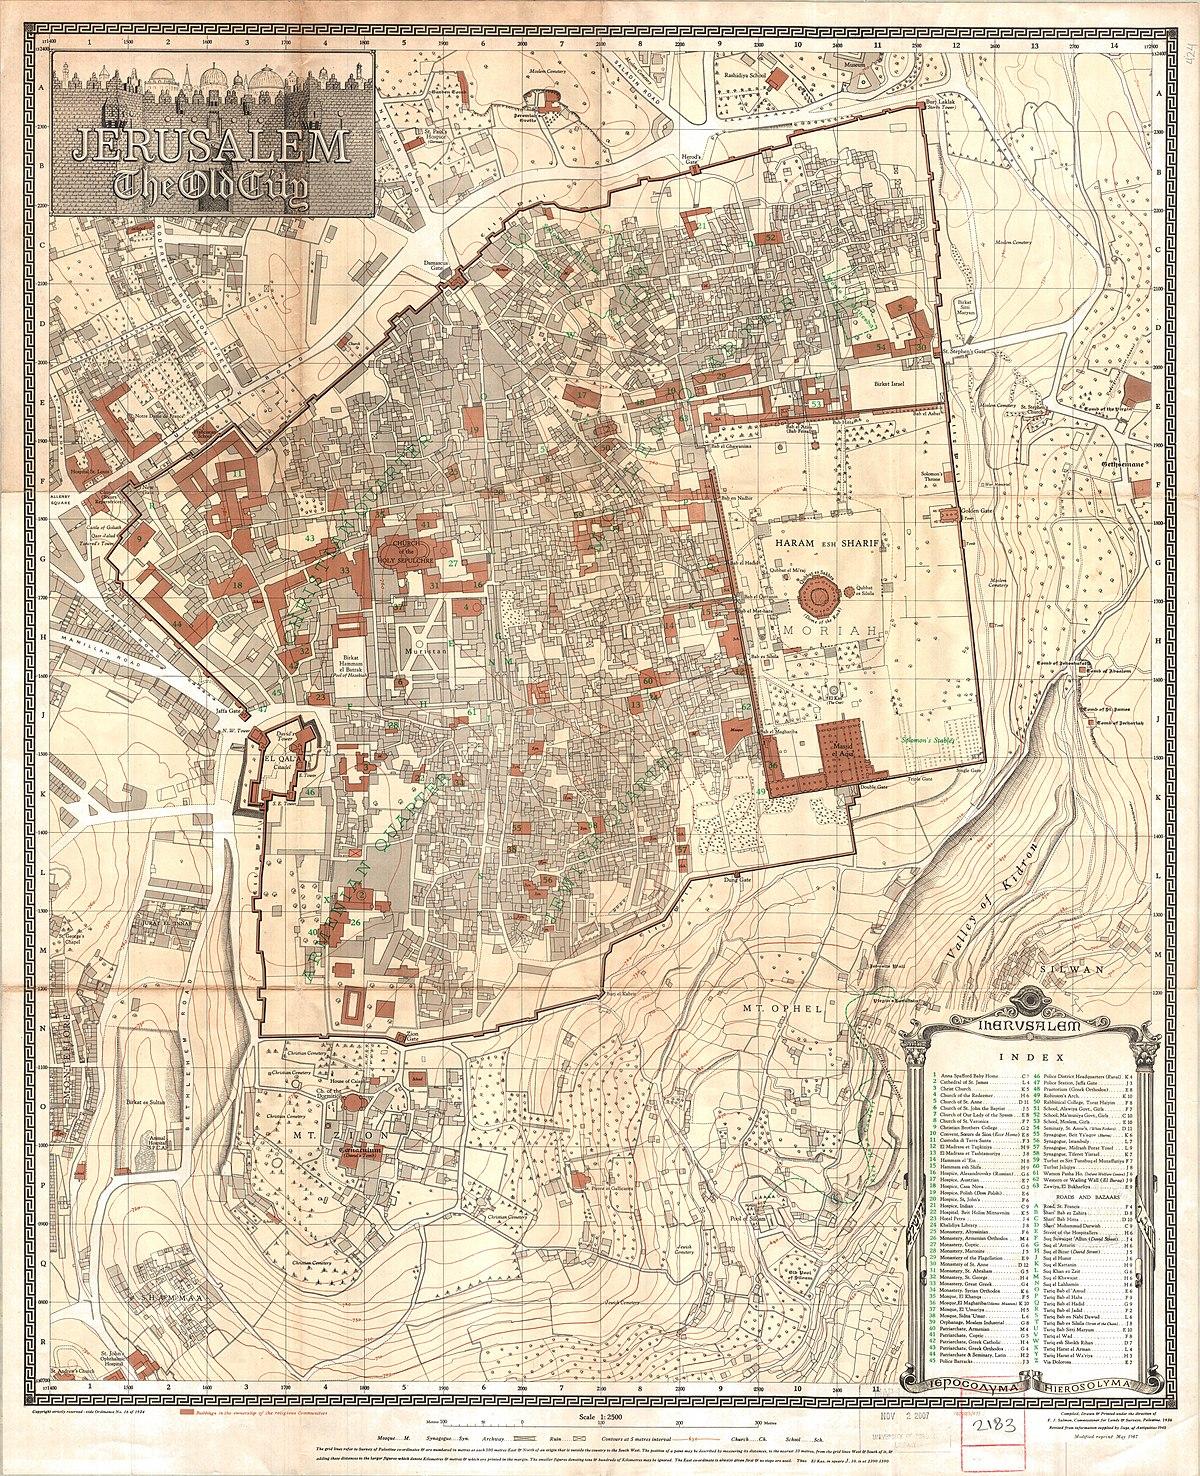 Old_City_of_Jerusalem_map_by_Survey_of_Palestine